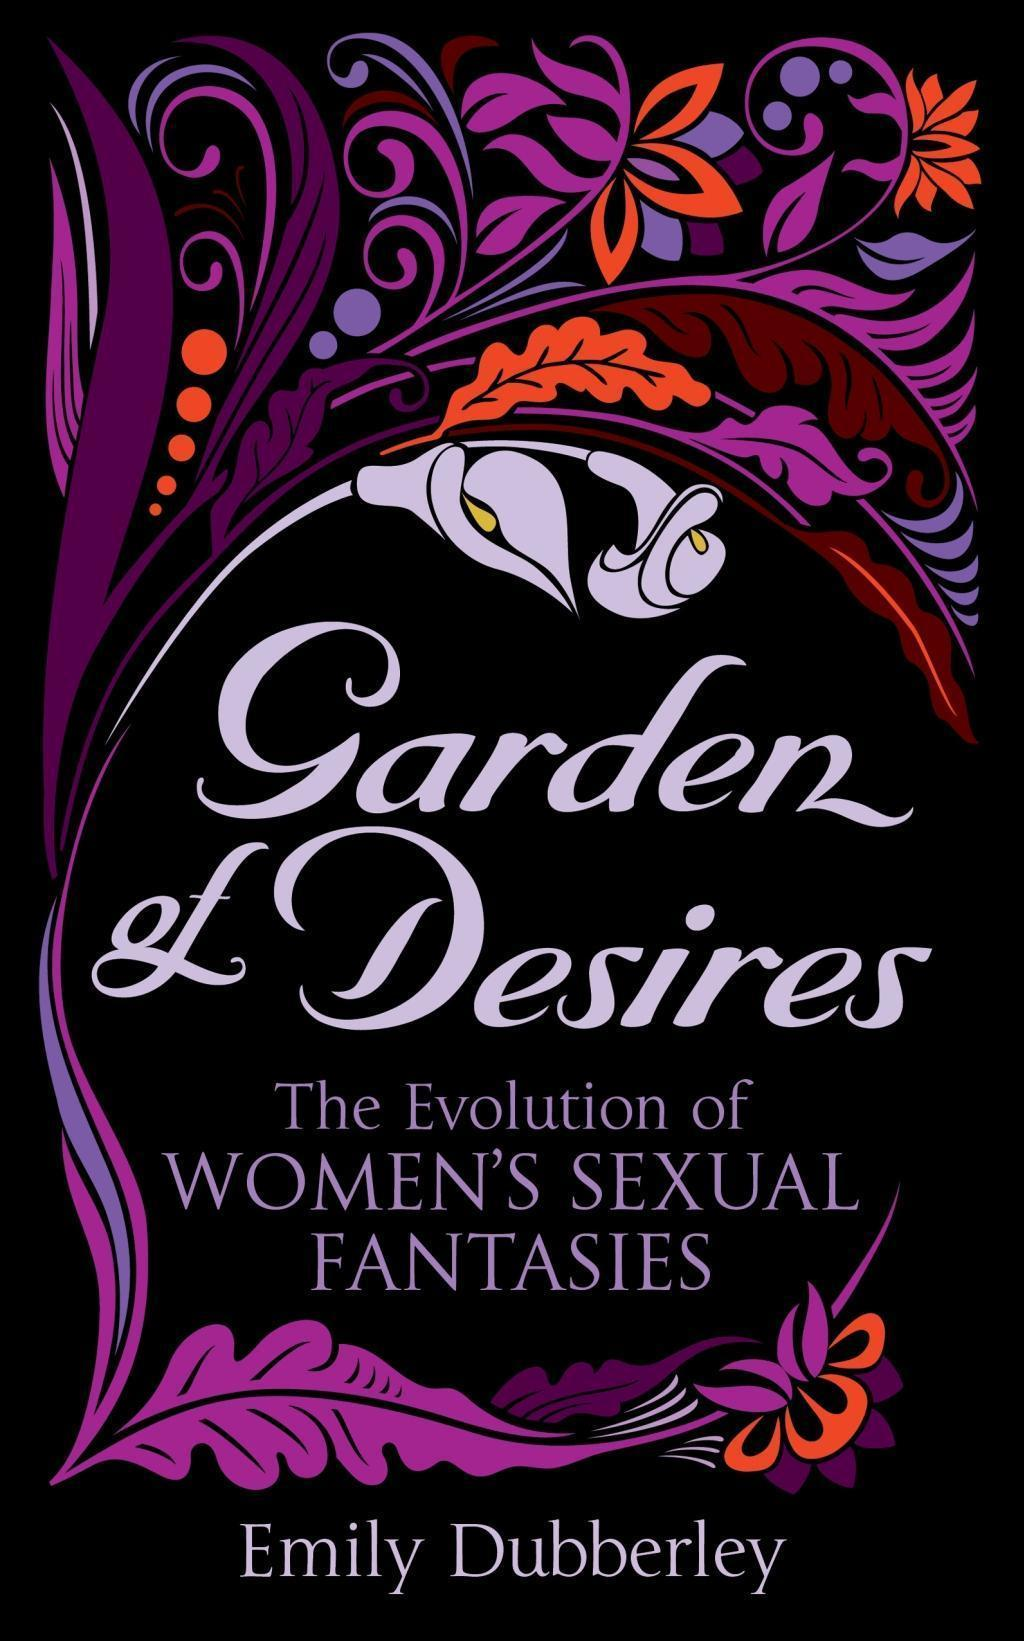 Garden of Desires